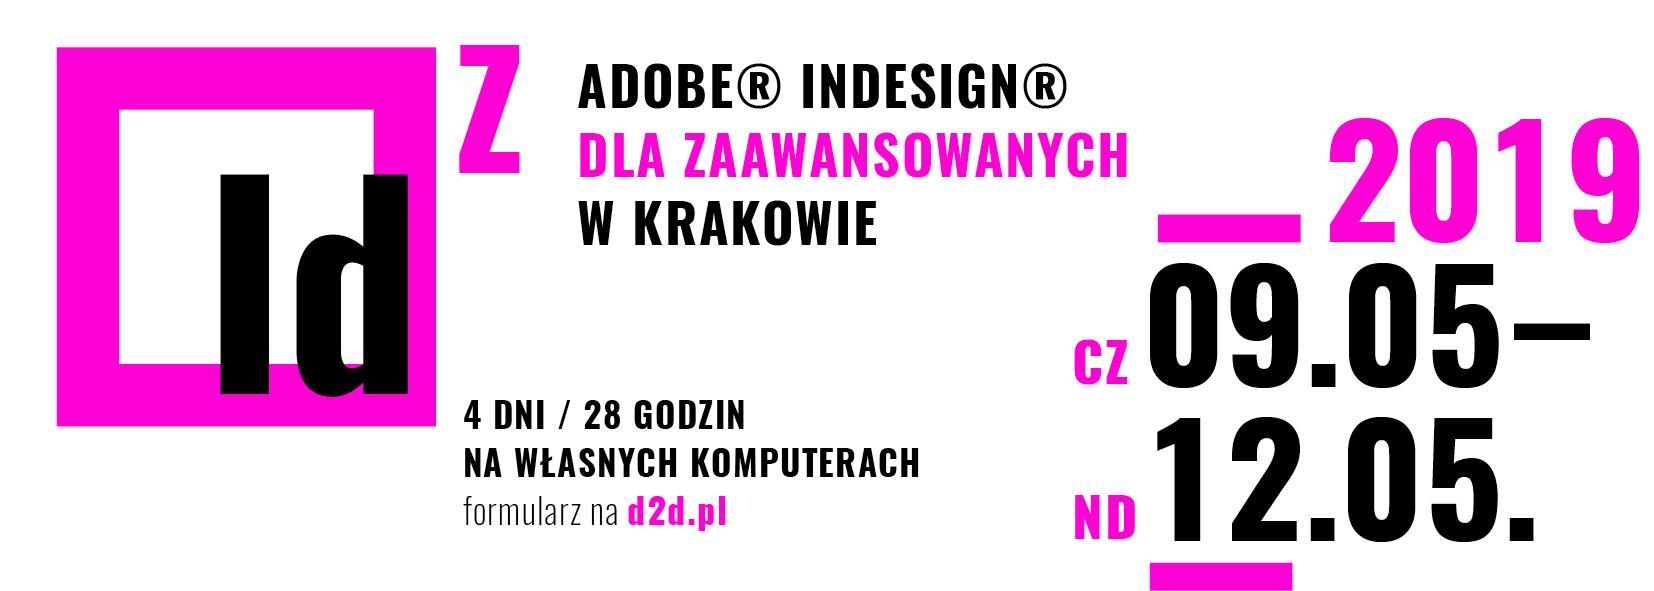 Adobe nDesign dla Zaawansowanych